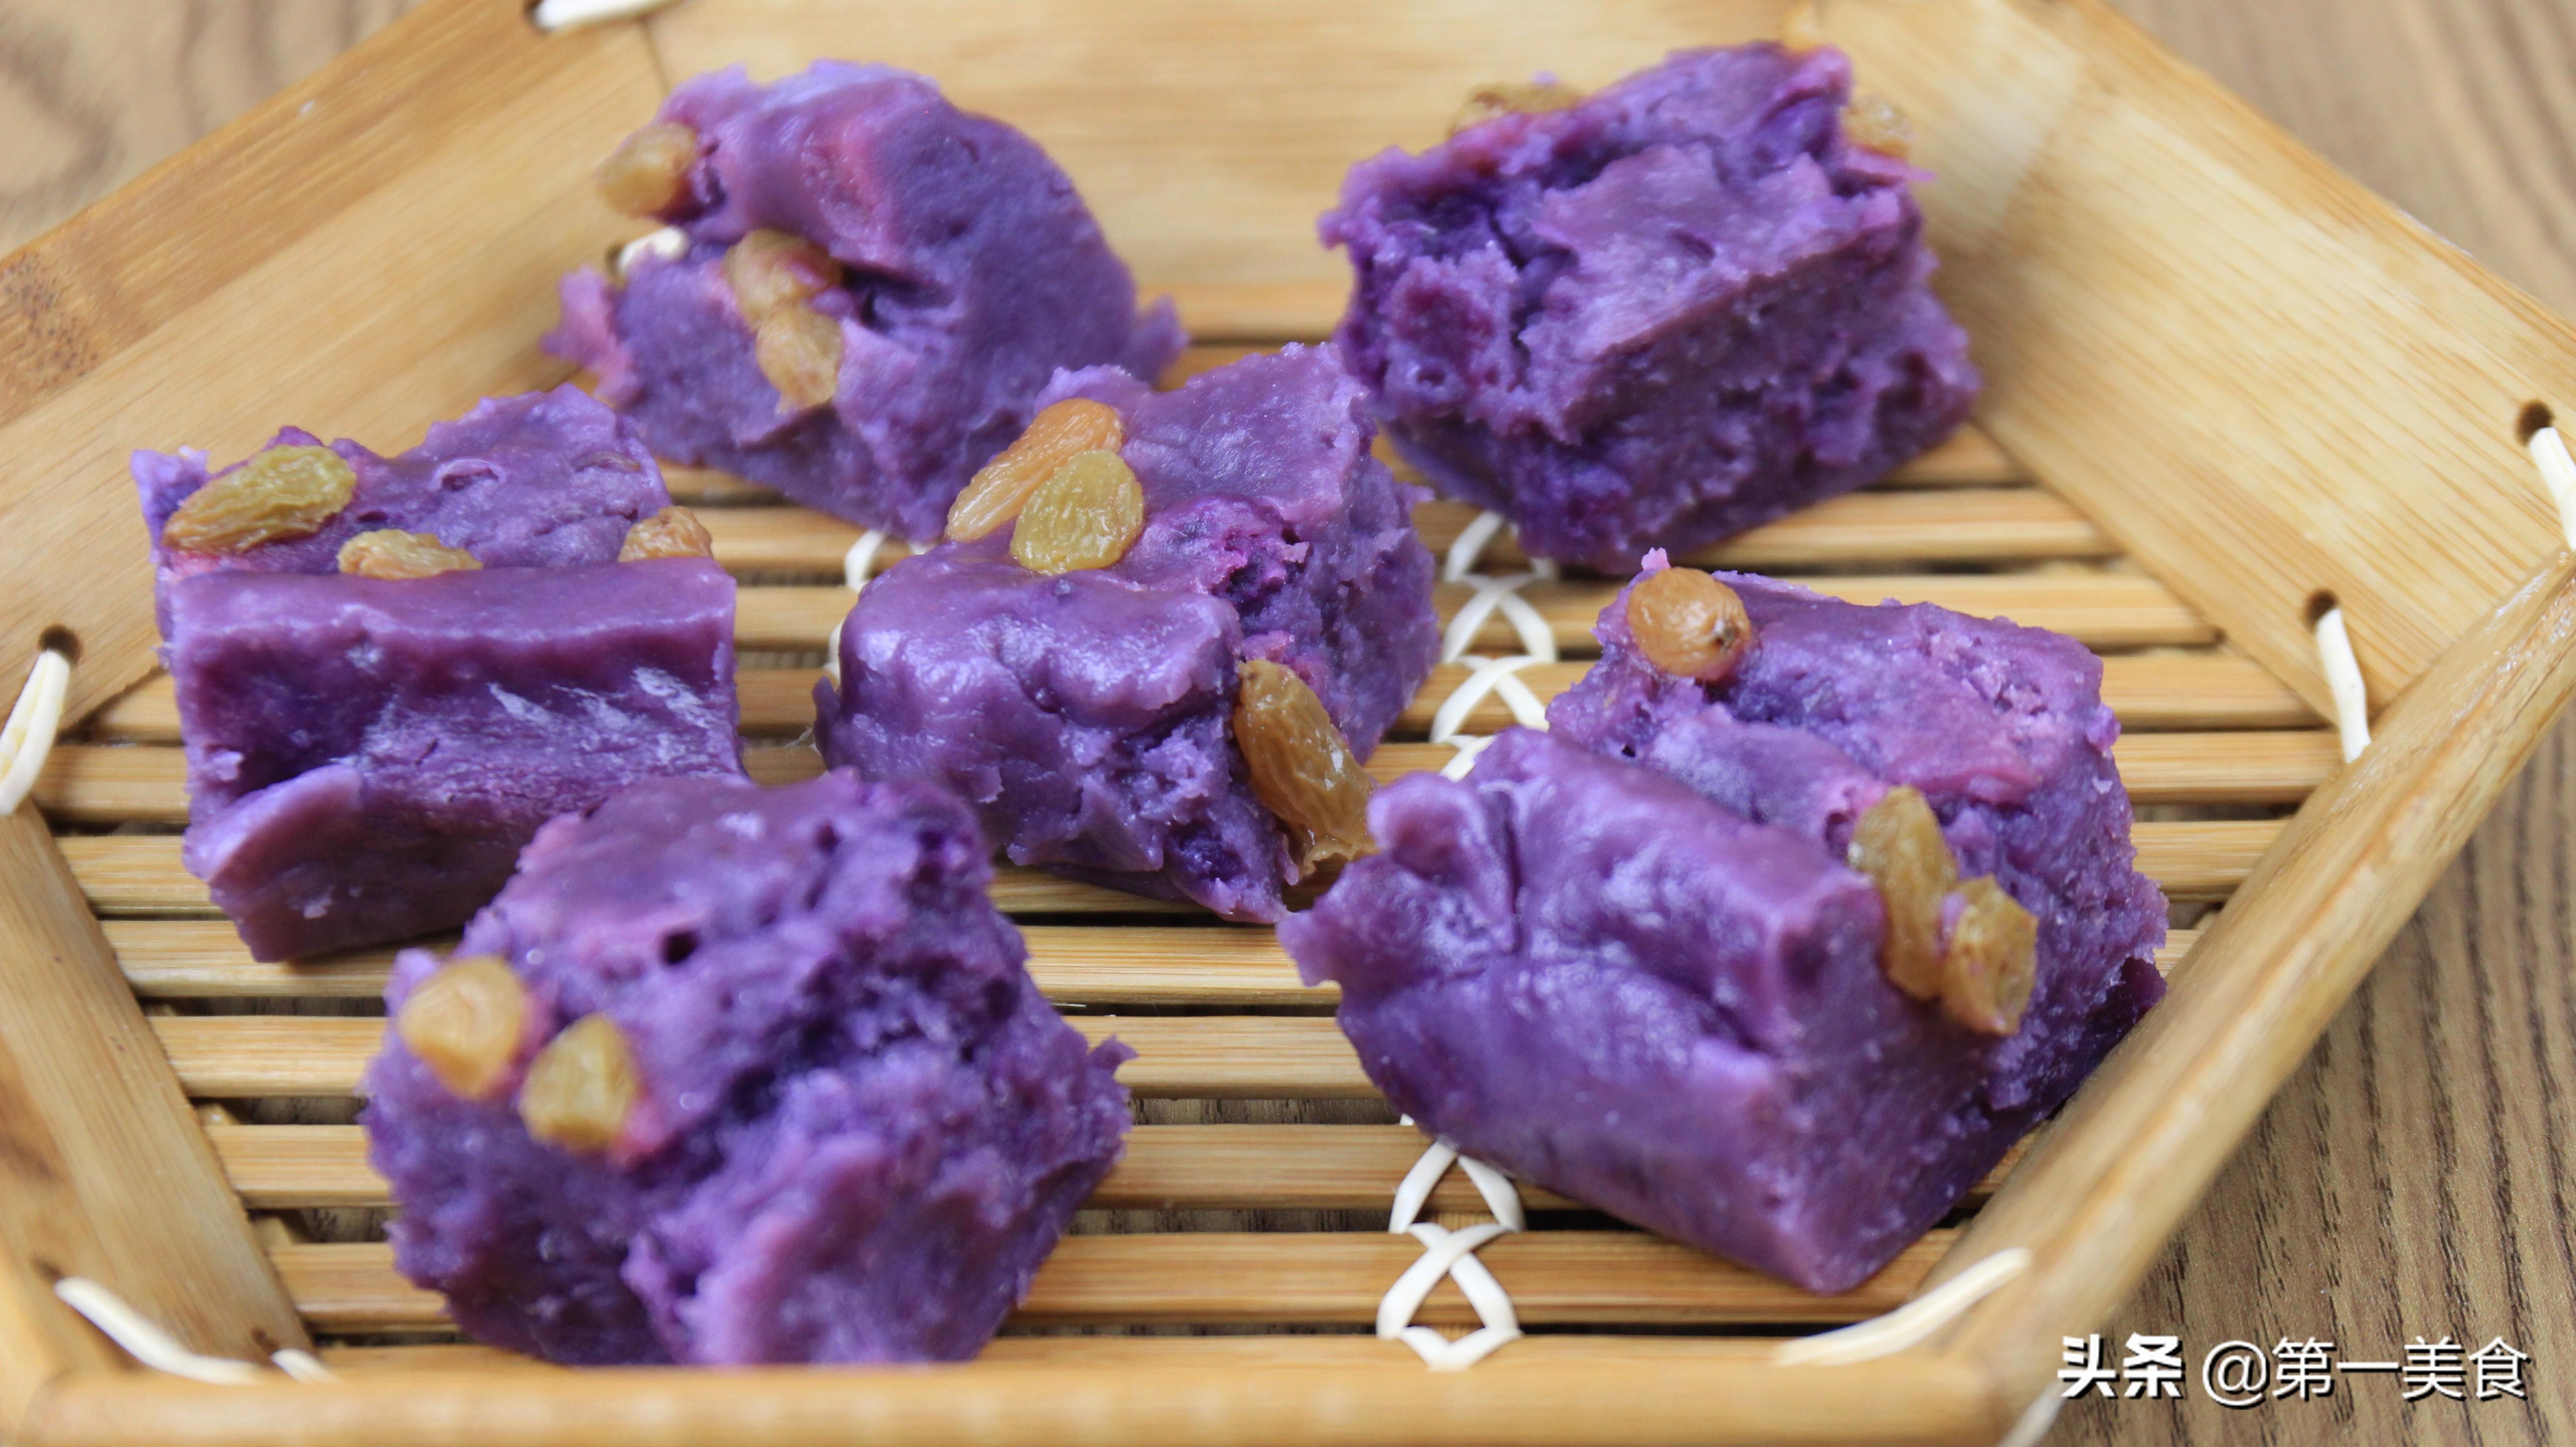 紫薯糕做法 无塌陷又软糯细腻